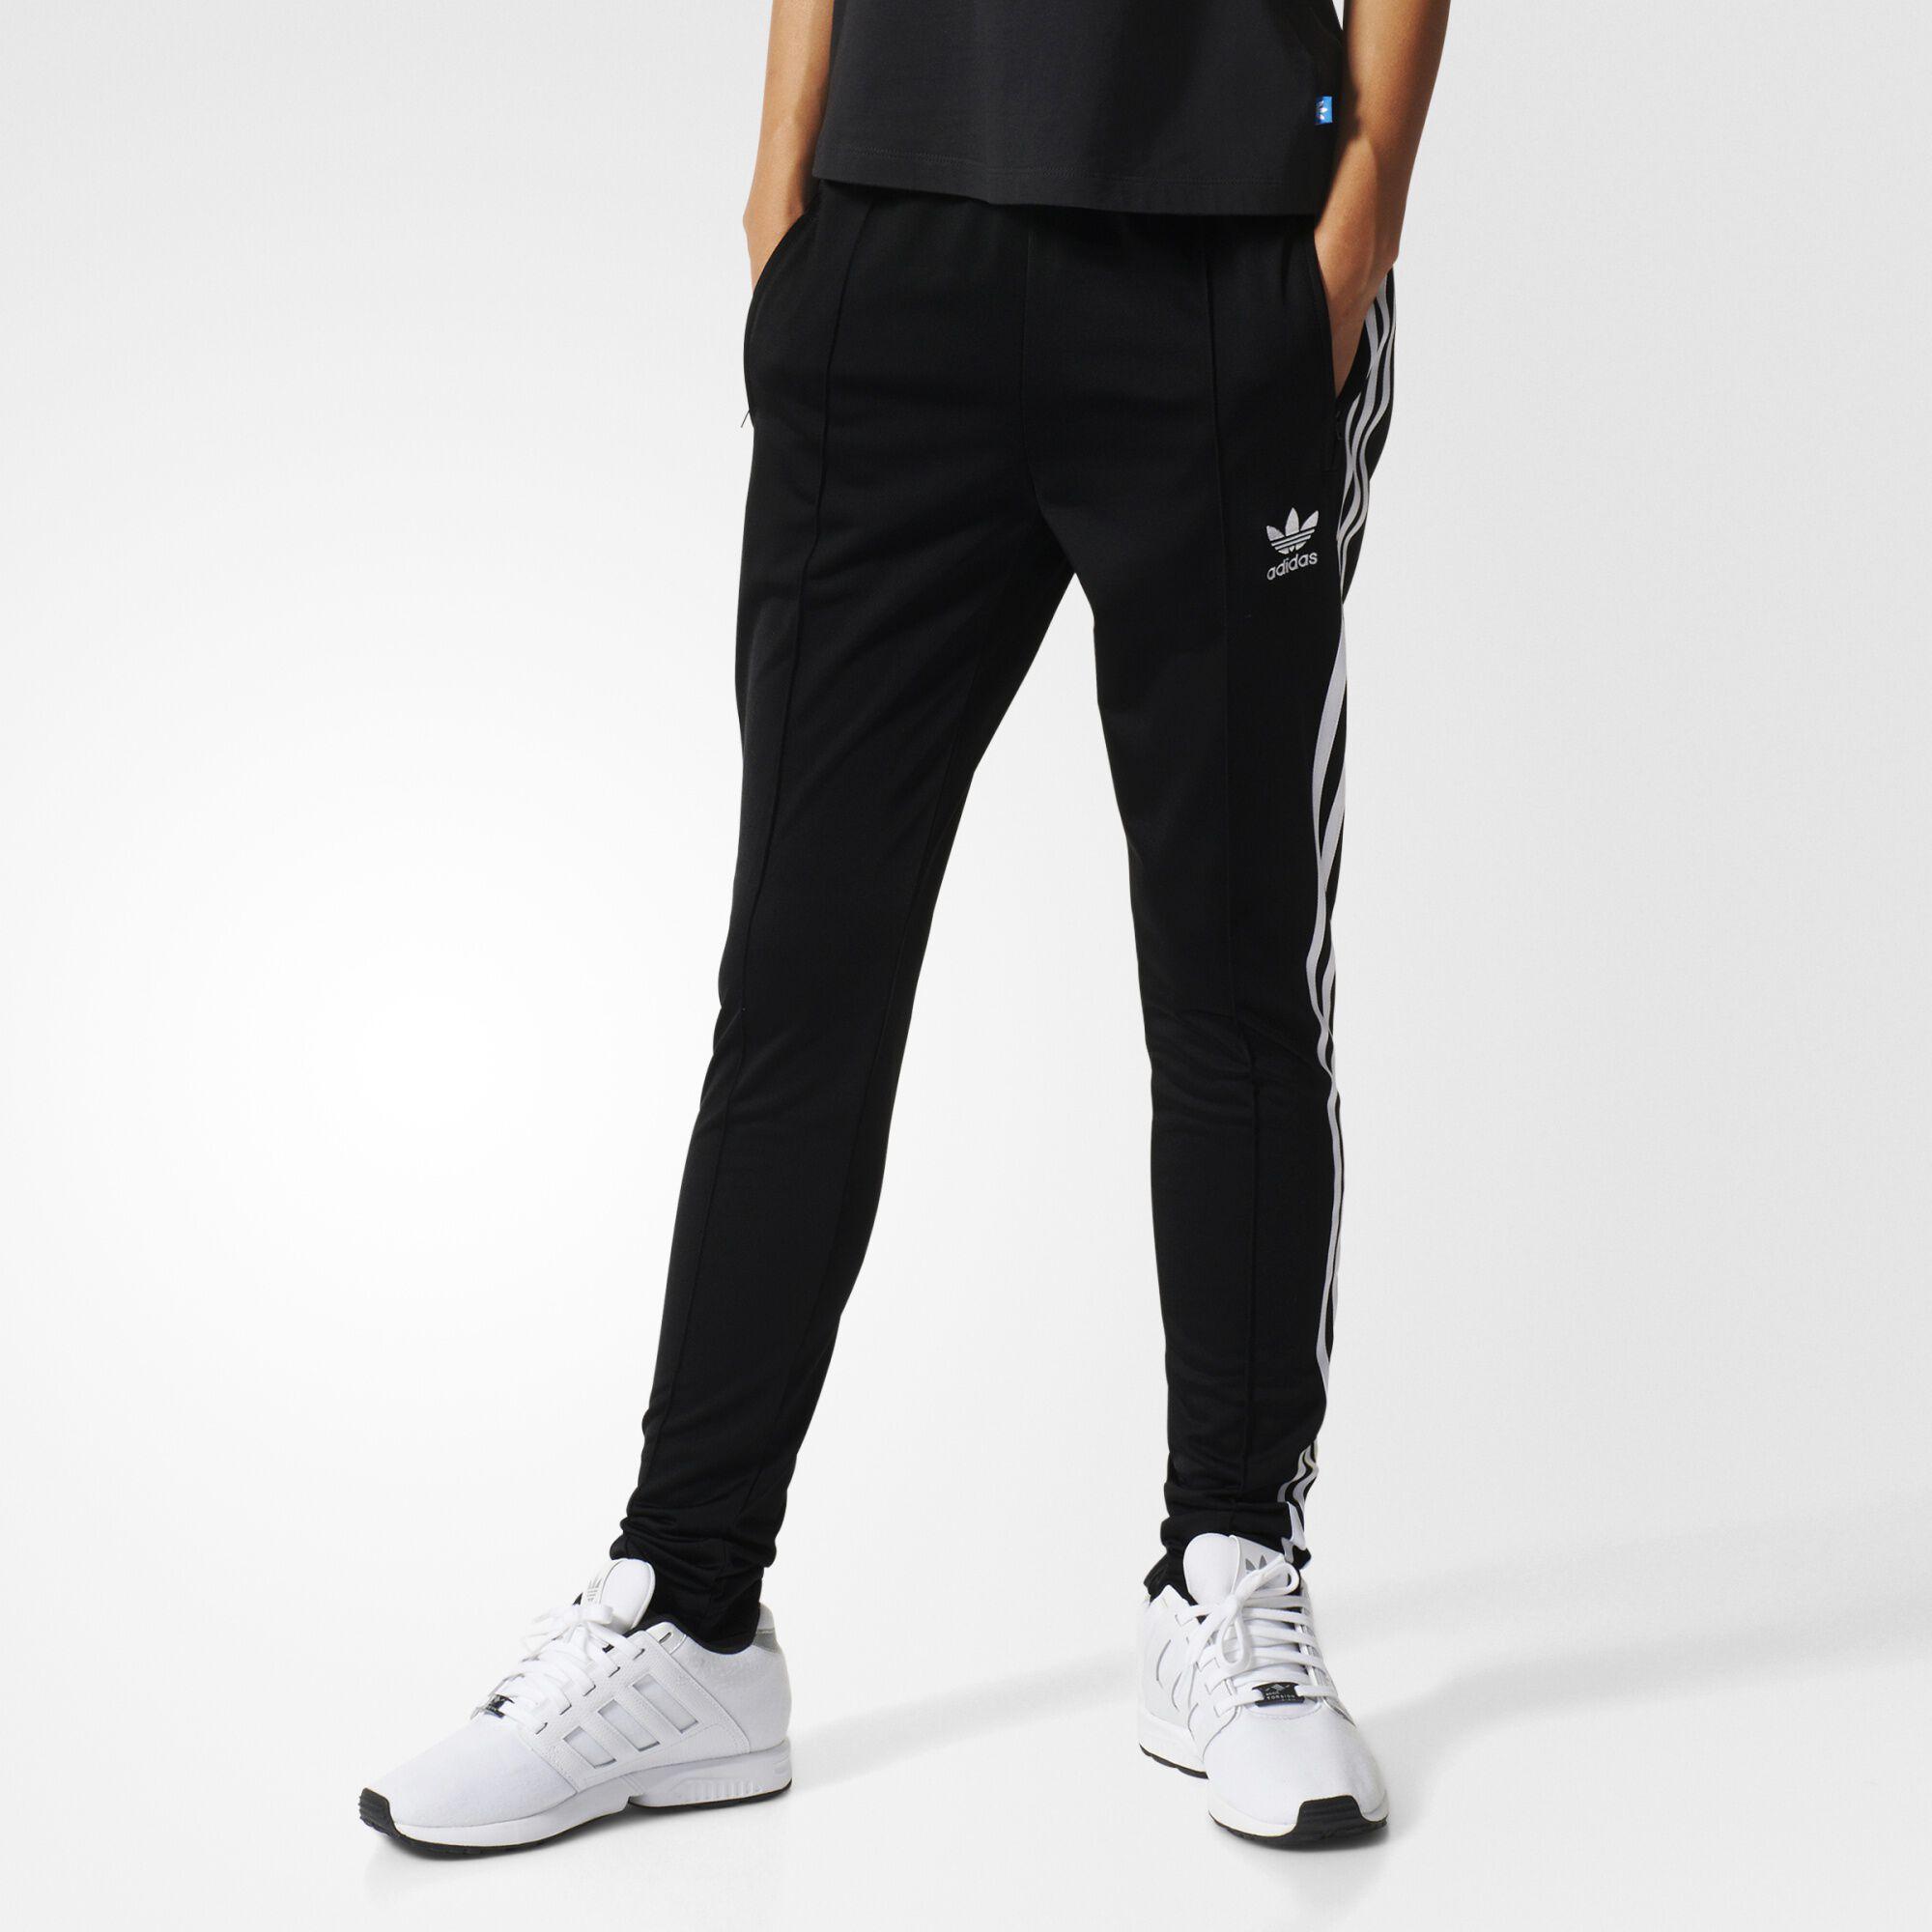 adidas tracking order uk